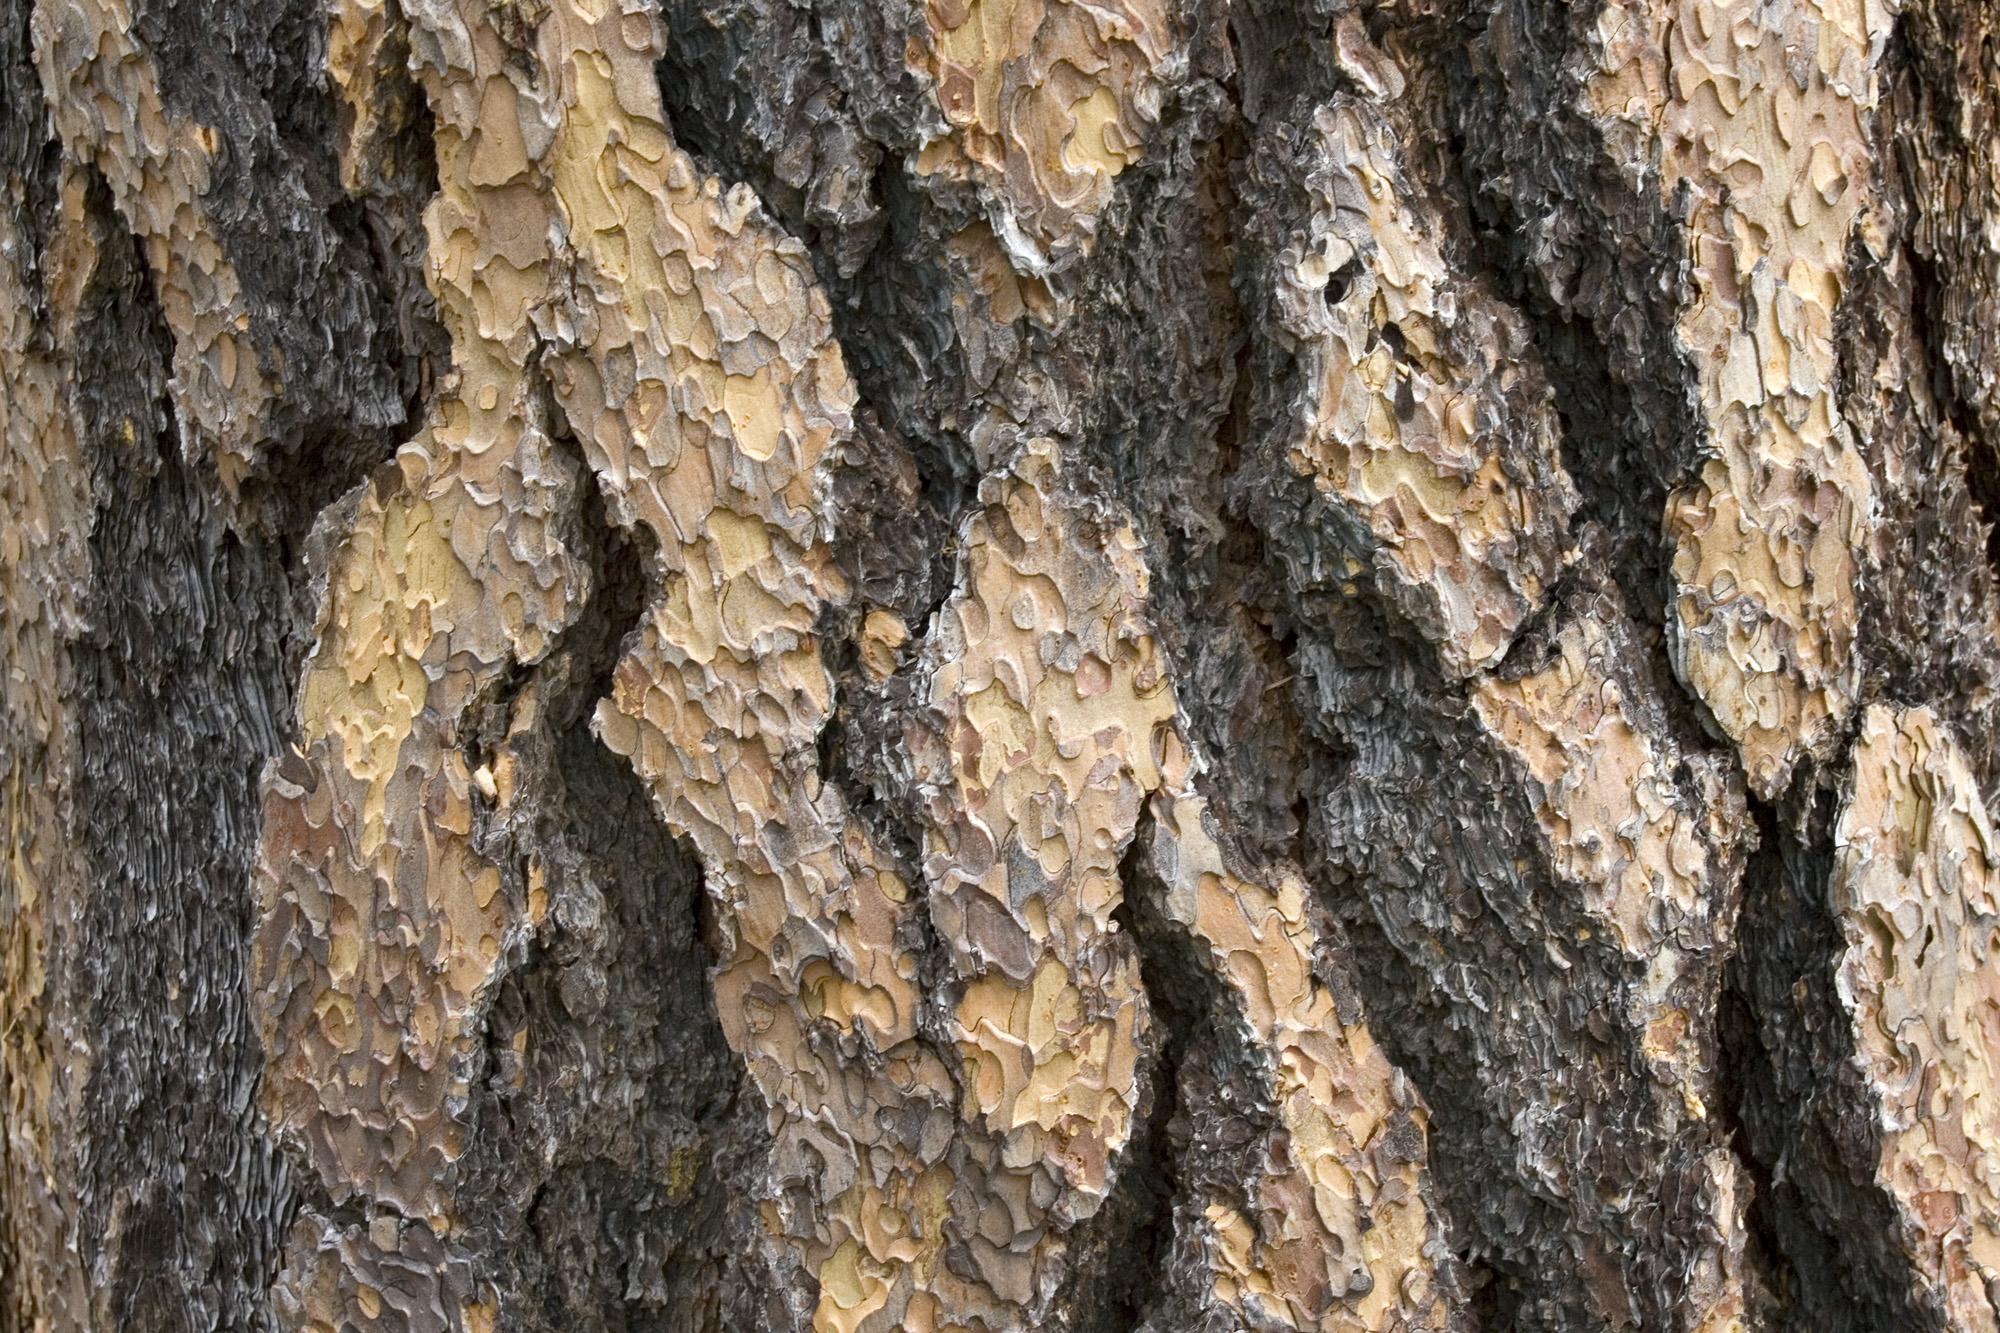 ponderosa pine bark